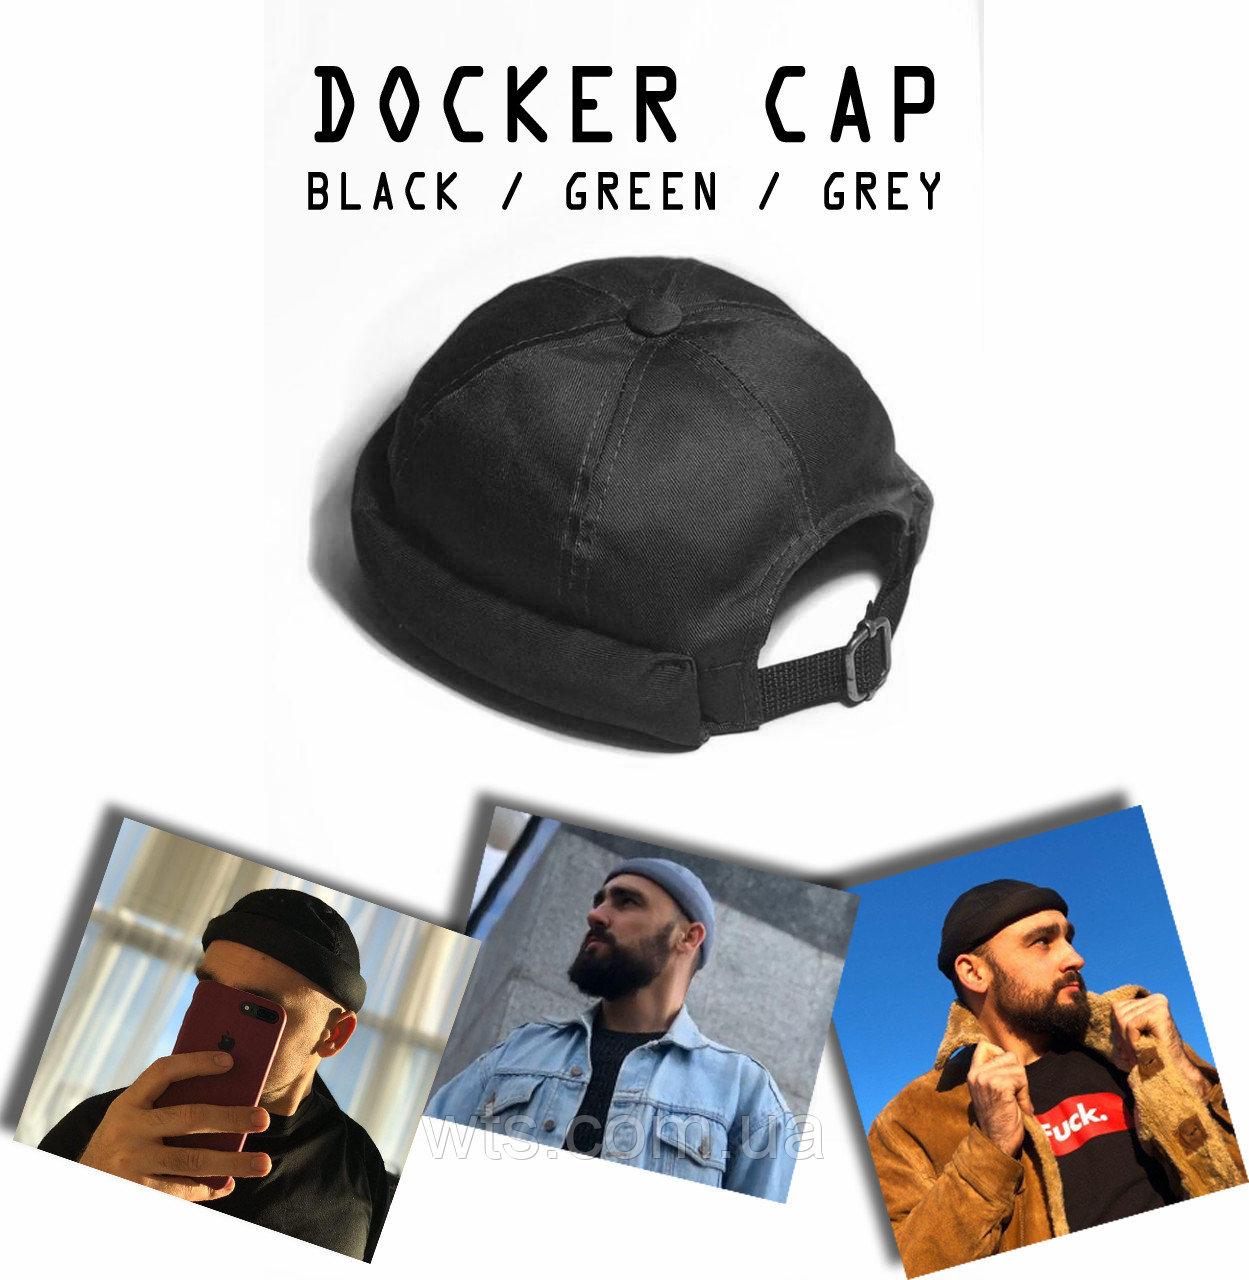 DOCKER CAP